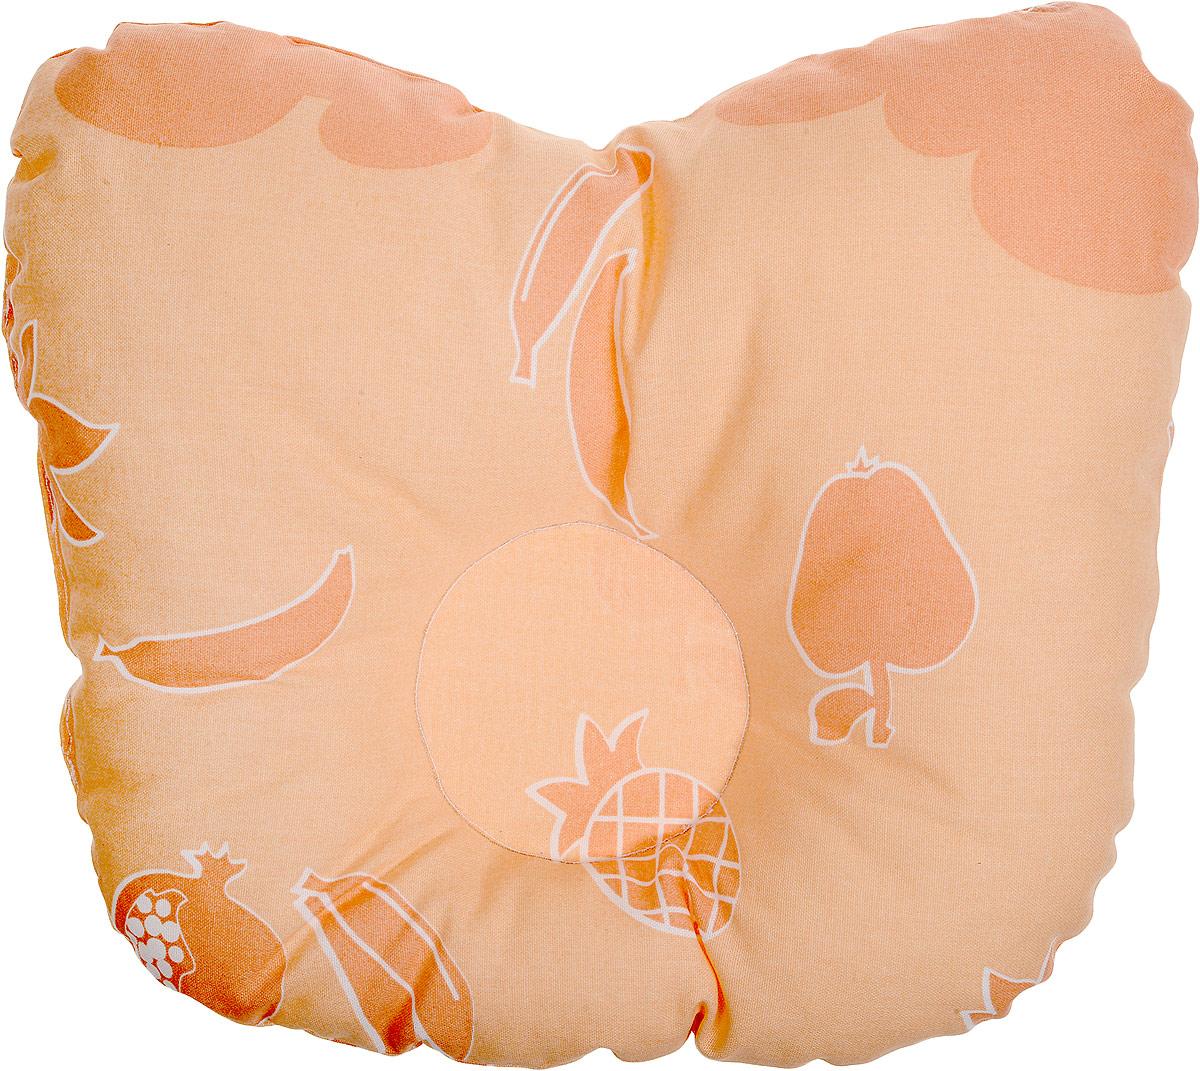 Сонный гномик Подушка анатомическая для младенцев Фрукты цвет оранжевый 27 х 27 см борт в кроватку сонный гномик считалочка бежевый бсс 0358105 4